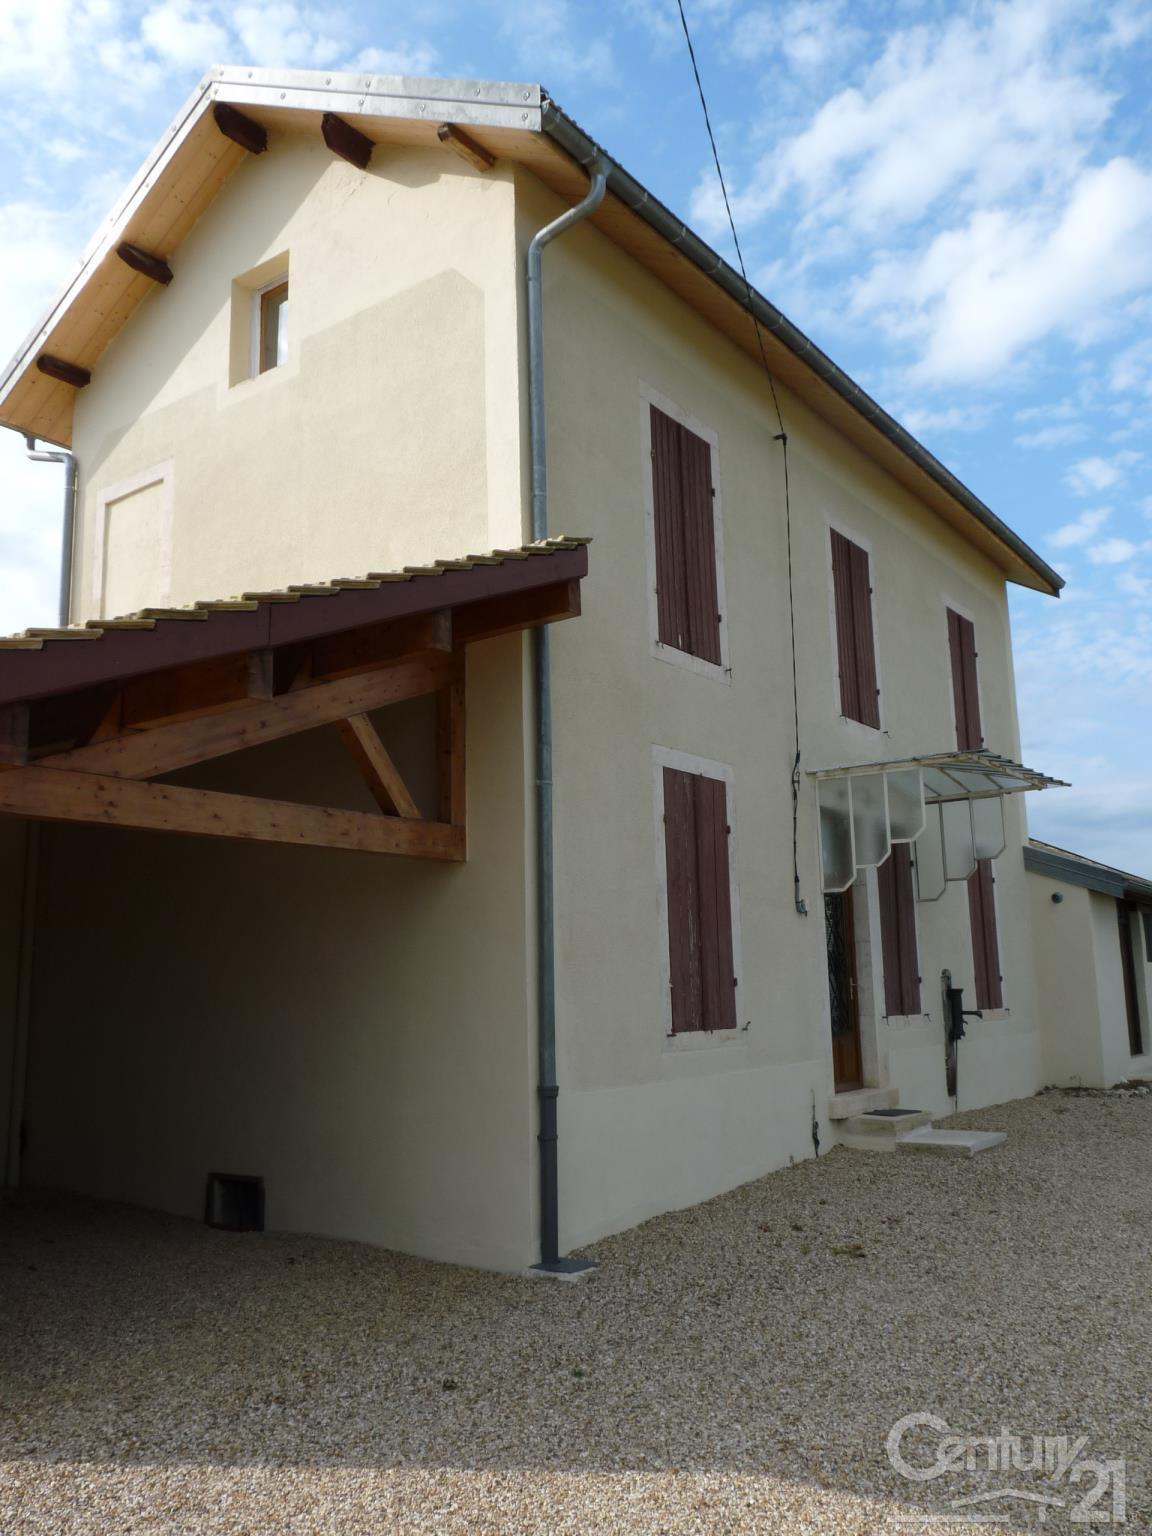 Annonce location maison meursault 21190 90 m 705 for Annonce location maison